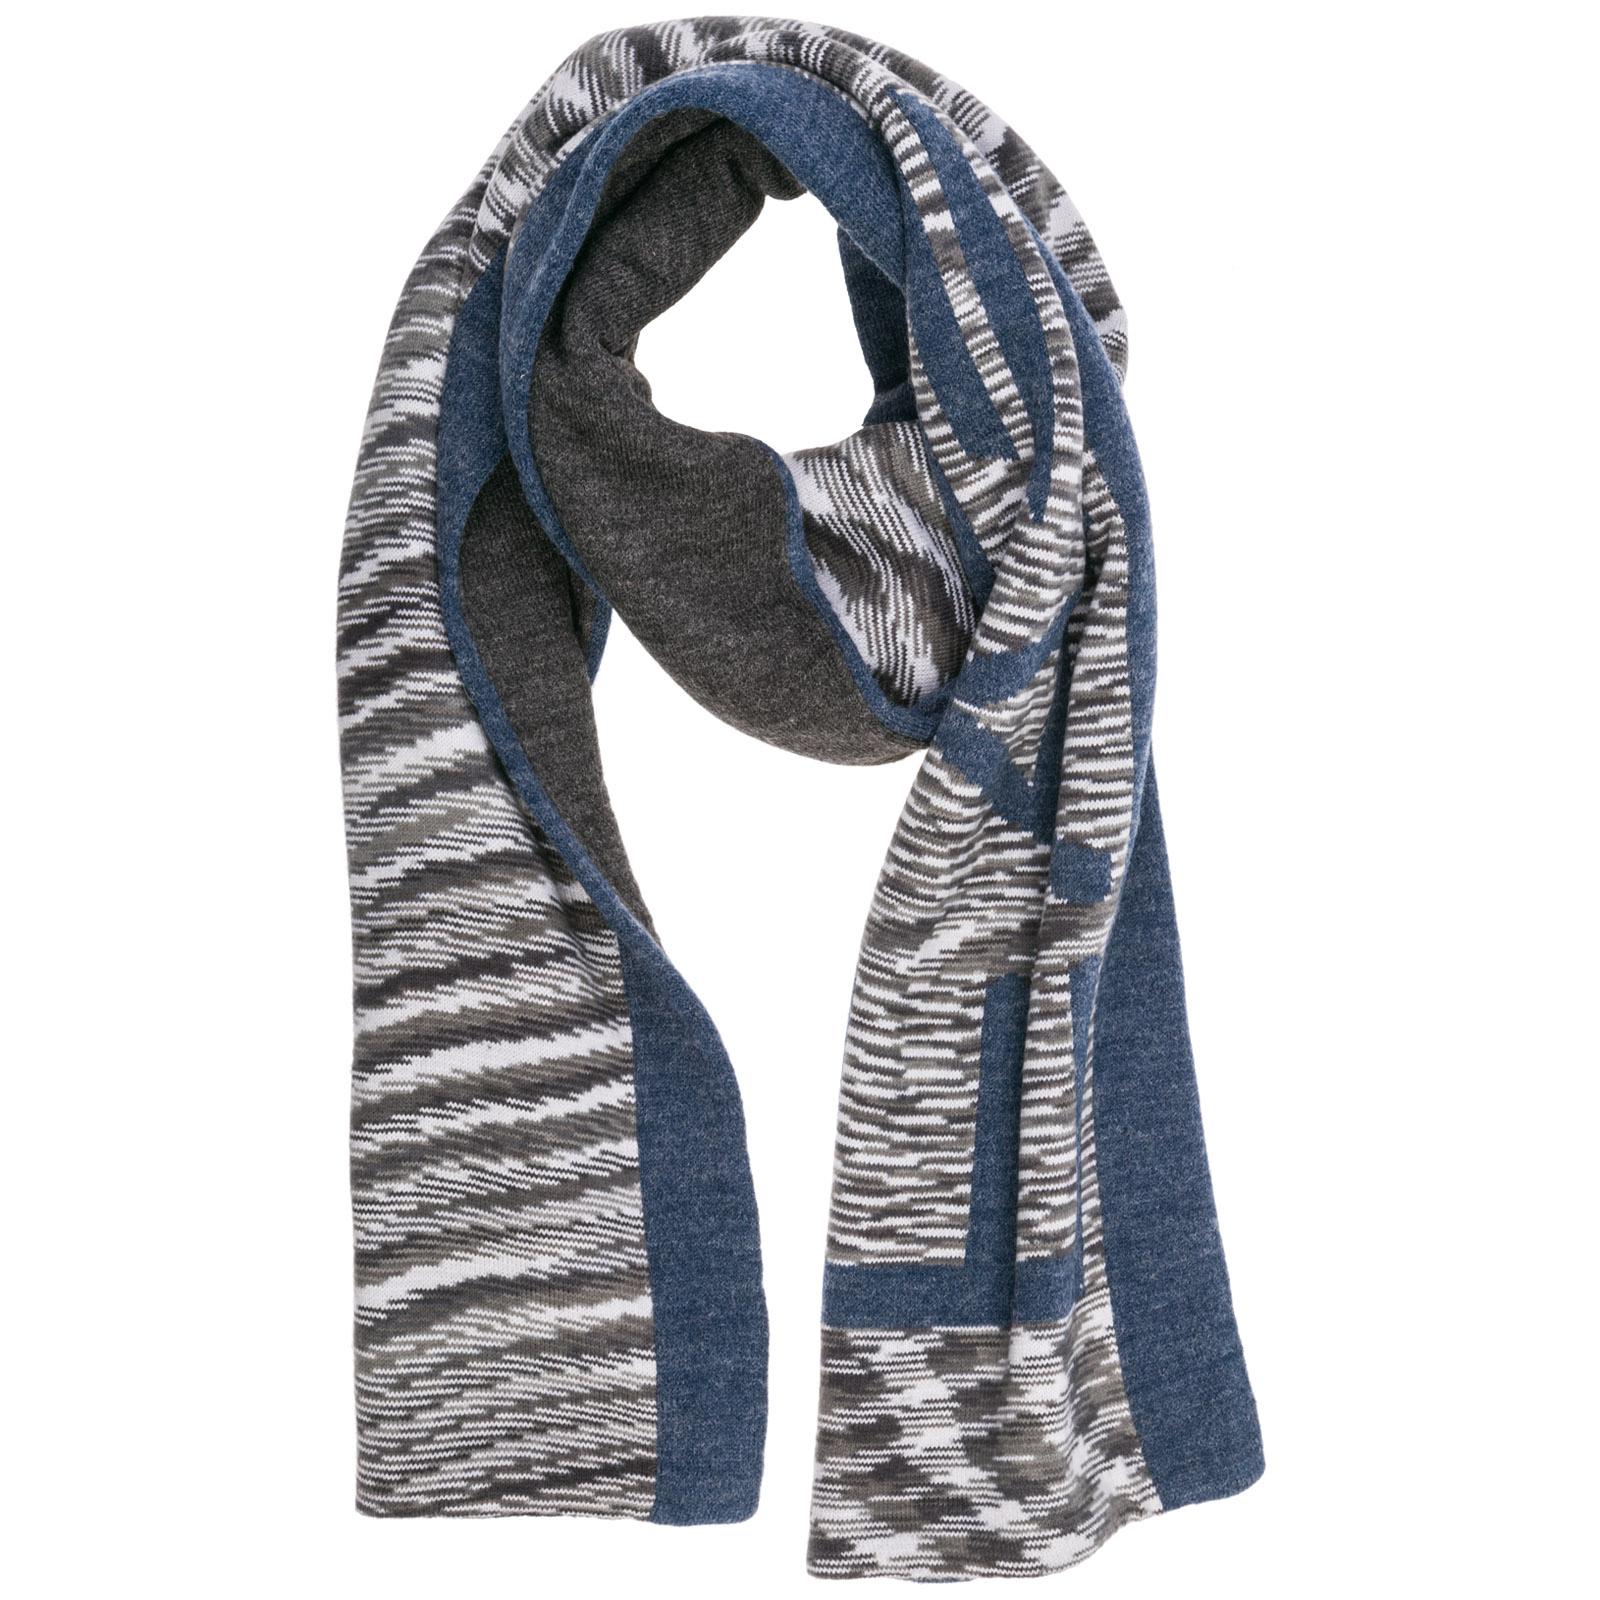 bambino qualità e quantità assicurate fornire un sacco di Sciarpa uomo in lana